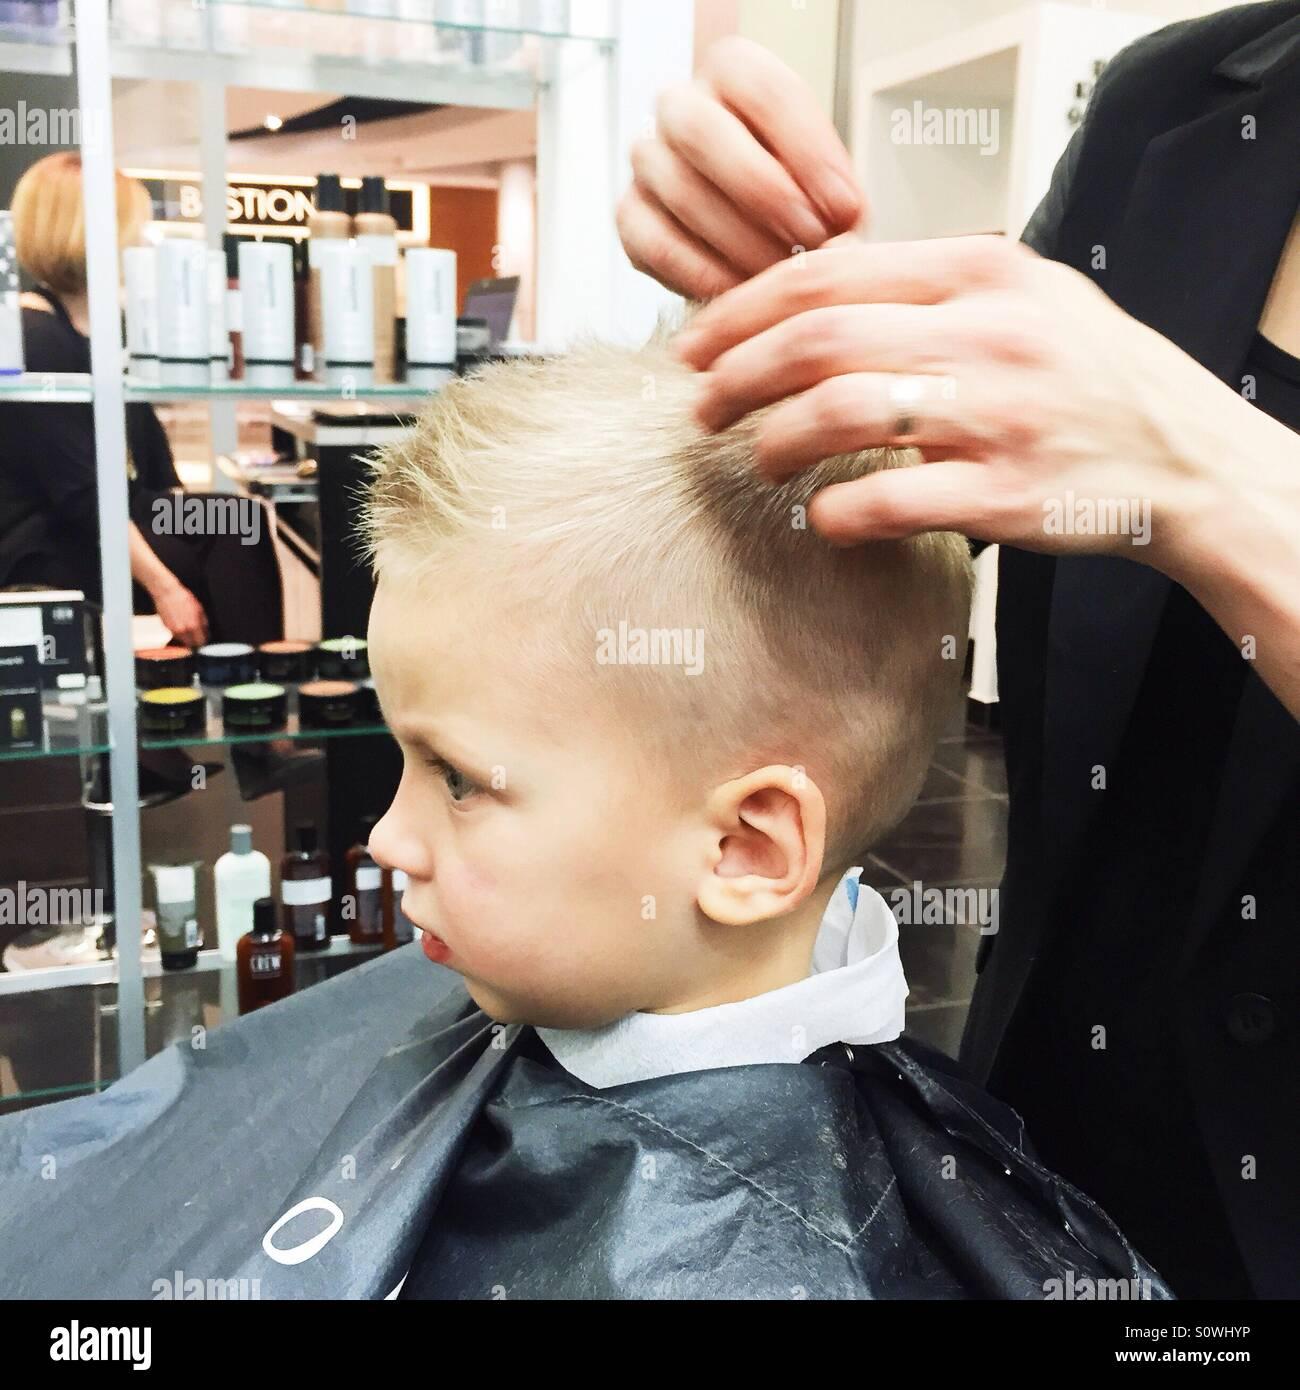 Niñito obteniendo su hairdone Foto de stock